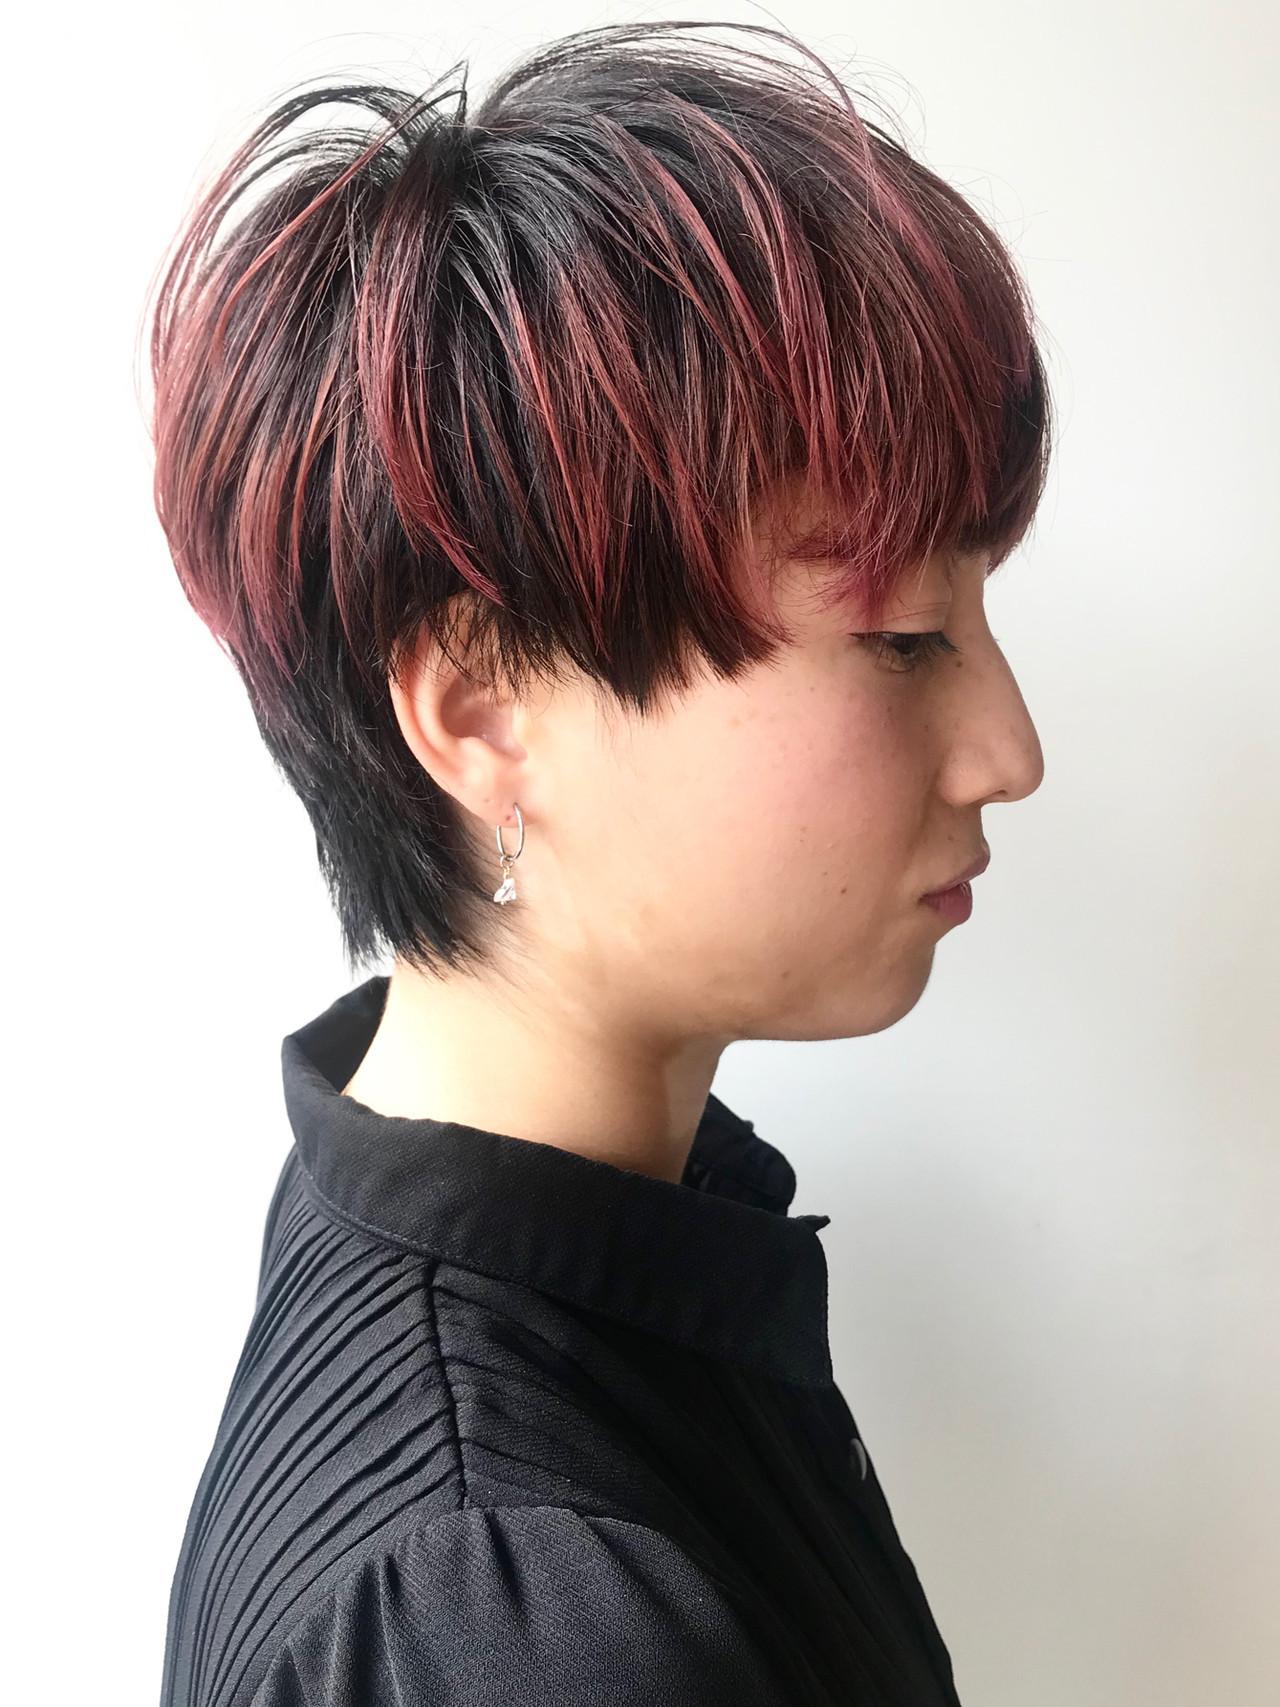 ボーイッシュに♡ピンクバイオレットヘア 小原布未加